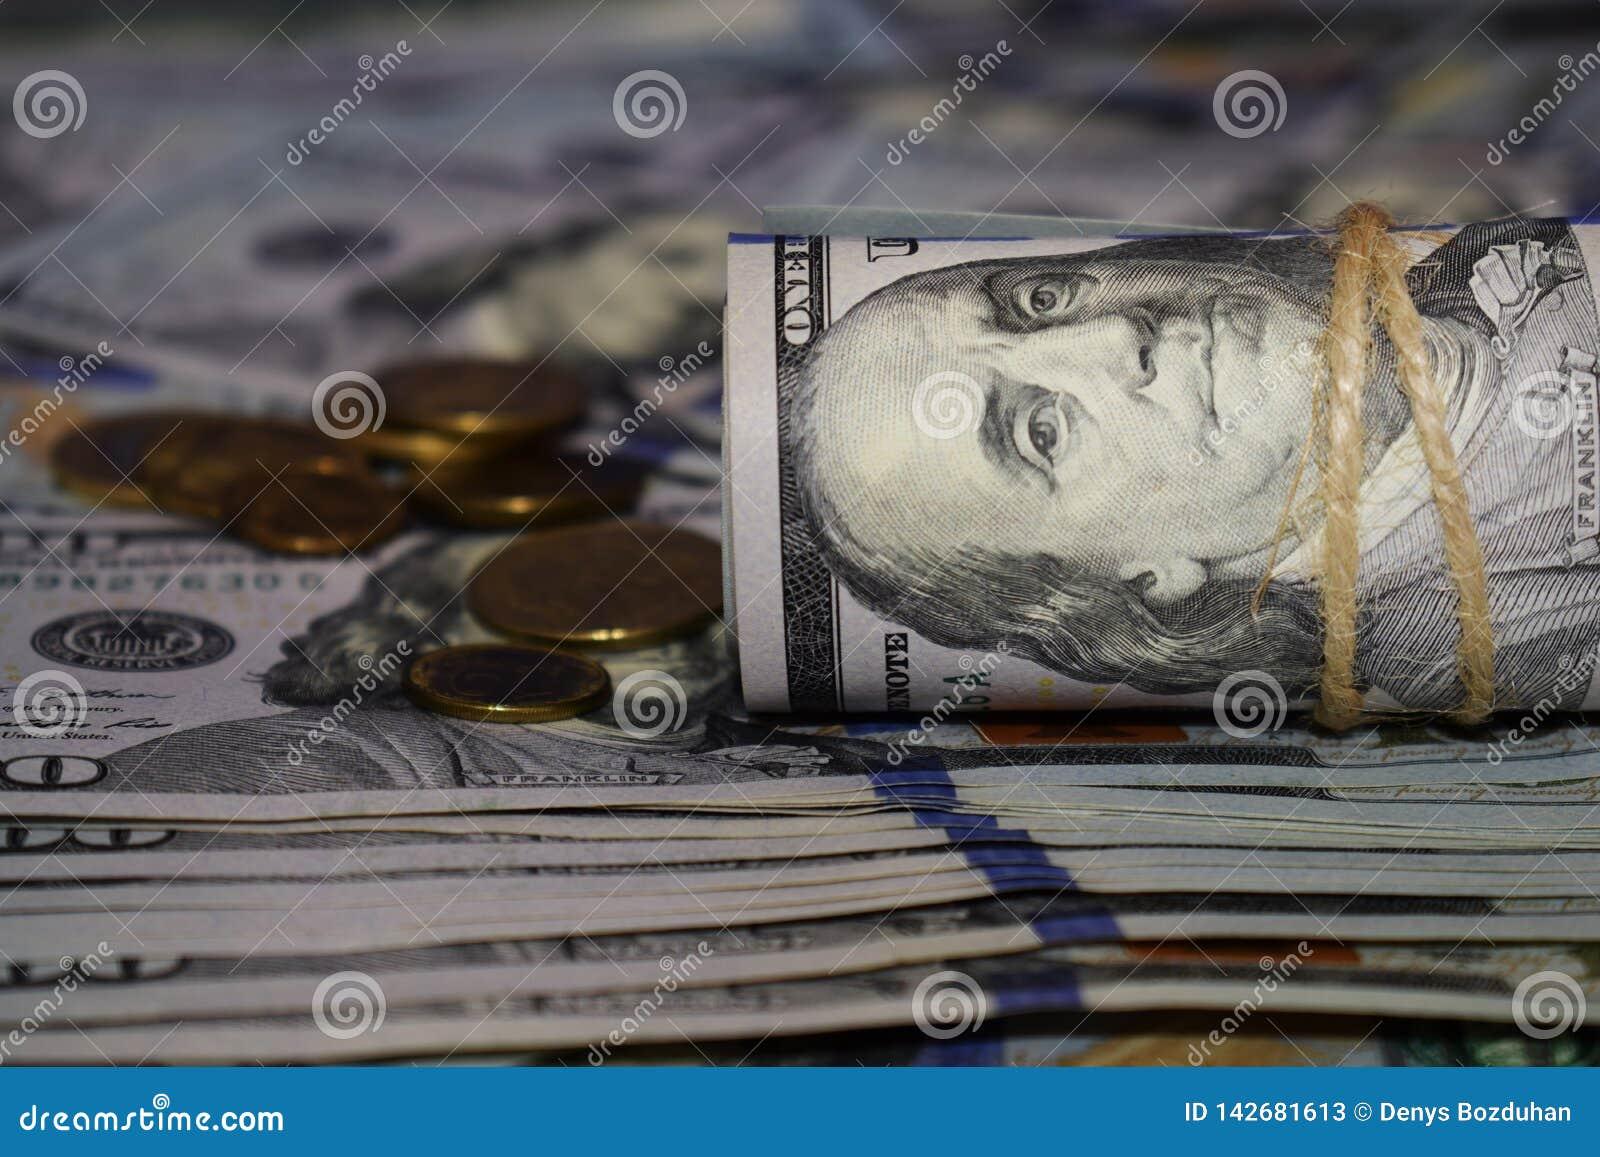 En rulle av dollar på bakgrunden av spritt hundra dollarräkningar och olika mynt